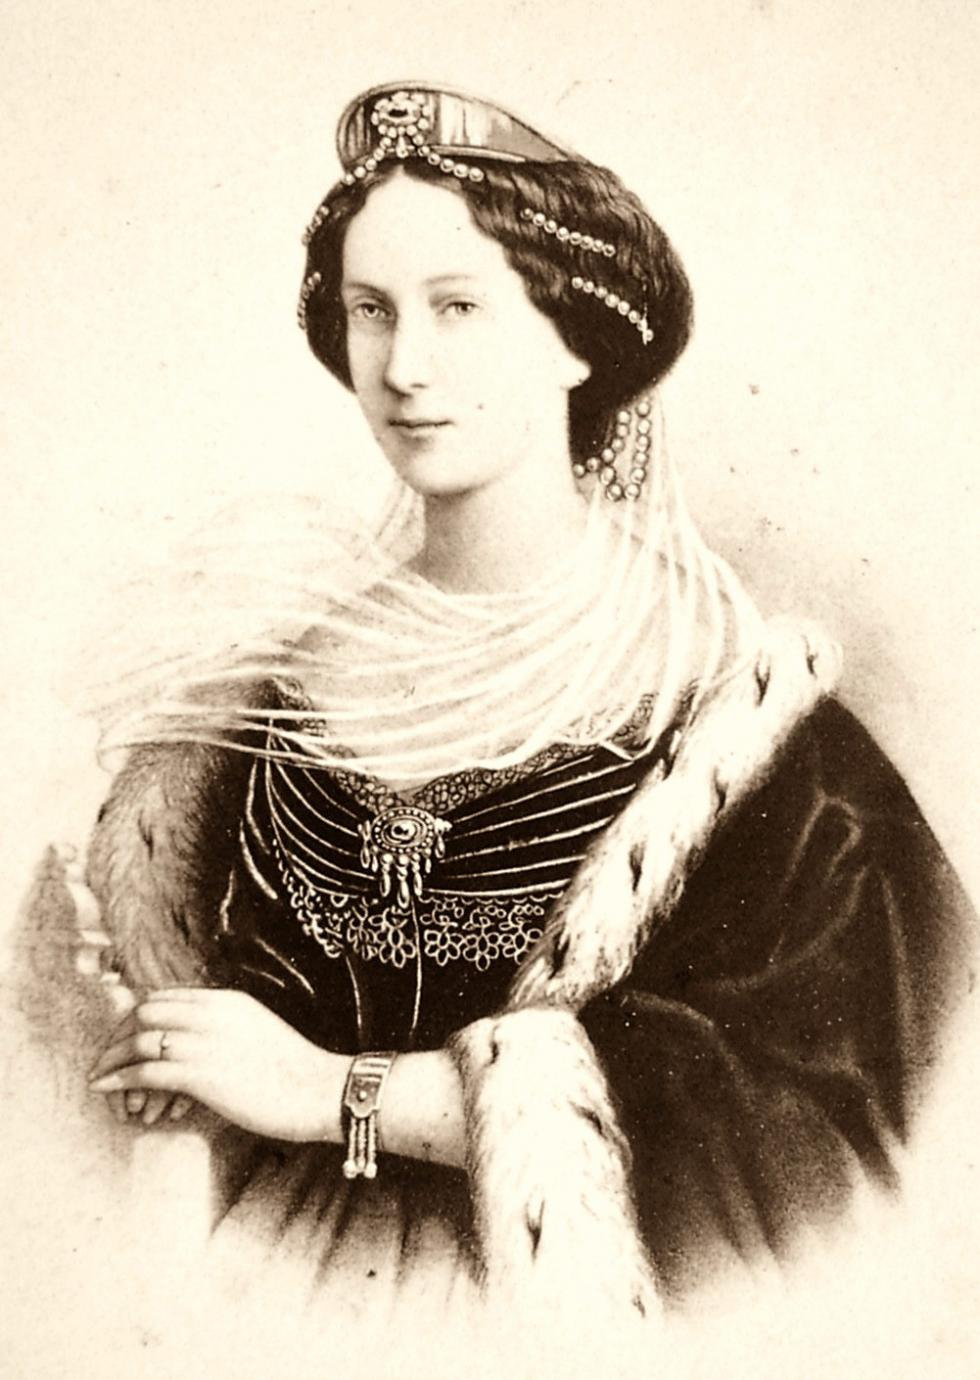 玛利亚·亚历山德罗芙娜皇后 涞源:Press Photo